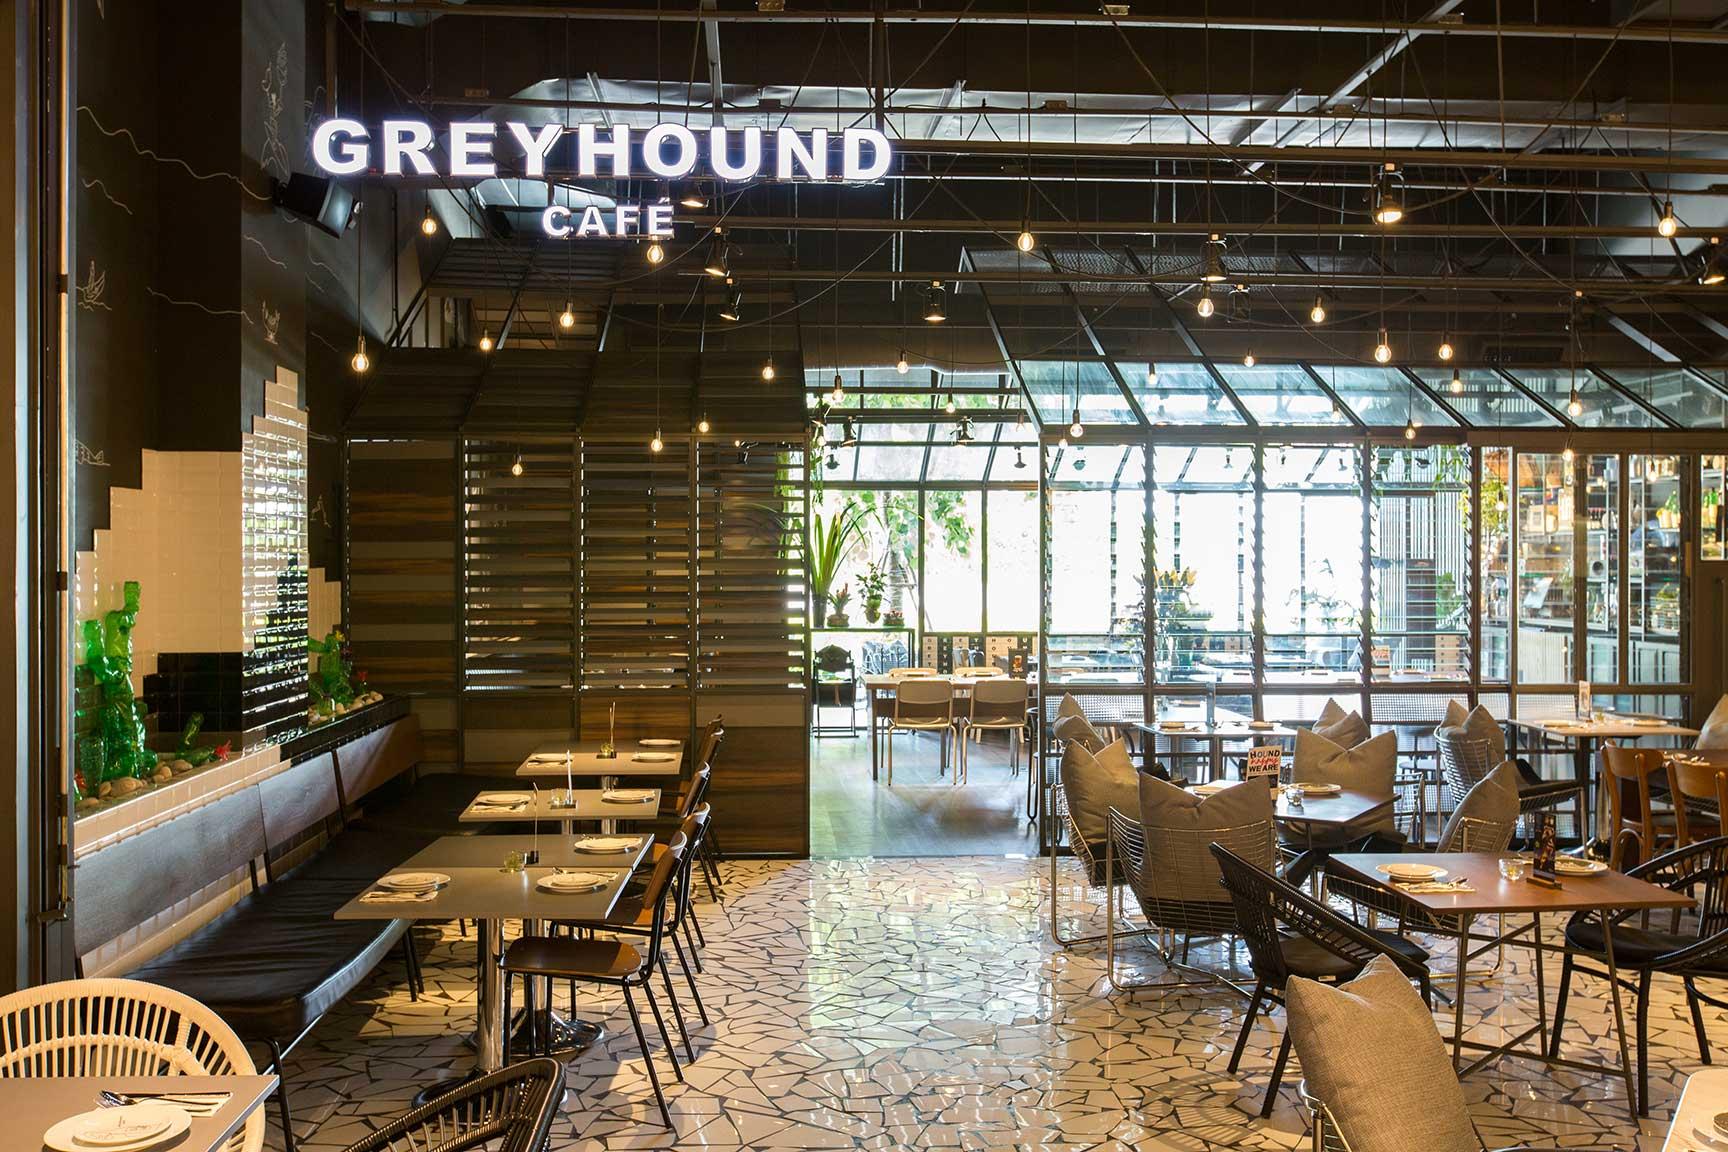 Greyhound, Cafe di Senopati dengan Nuansa Kekinian